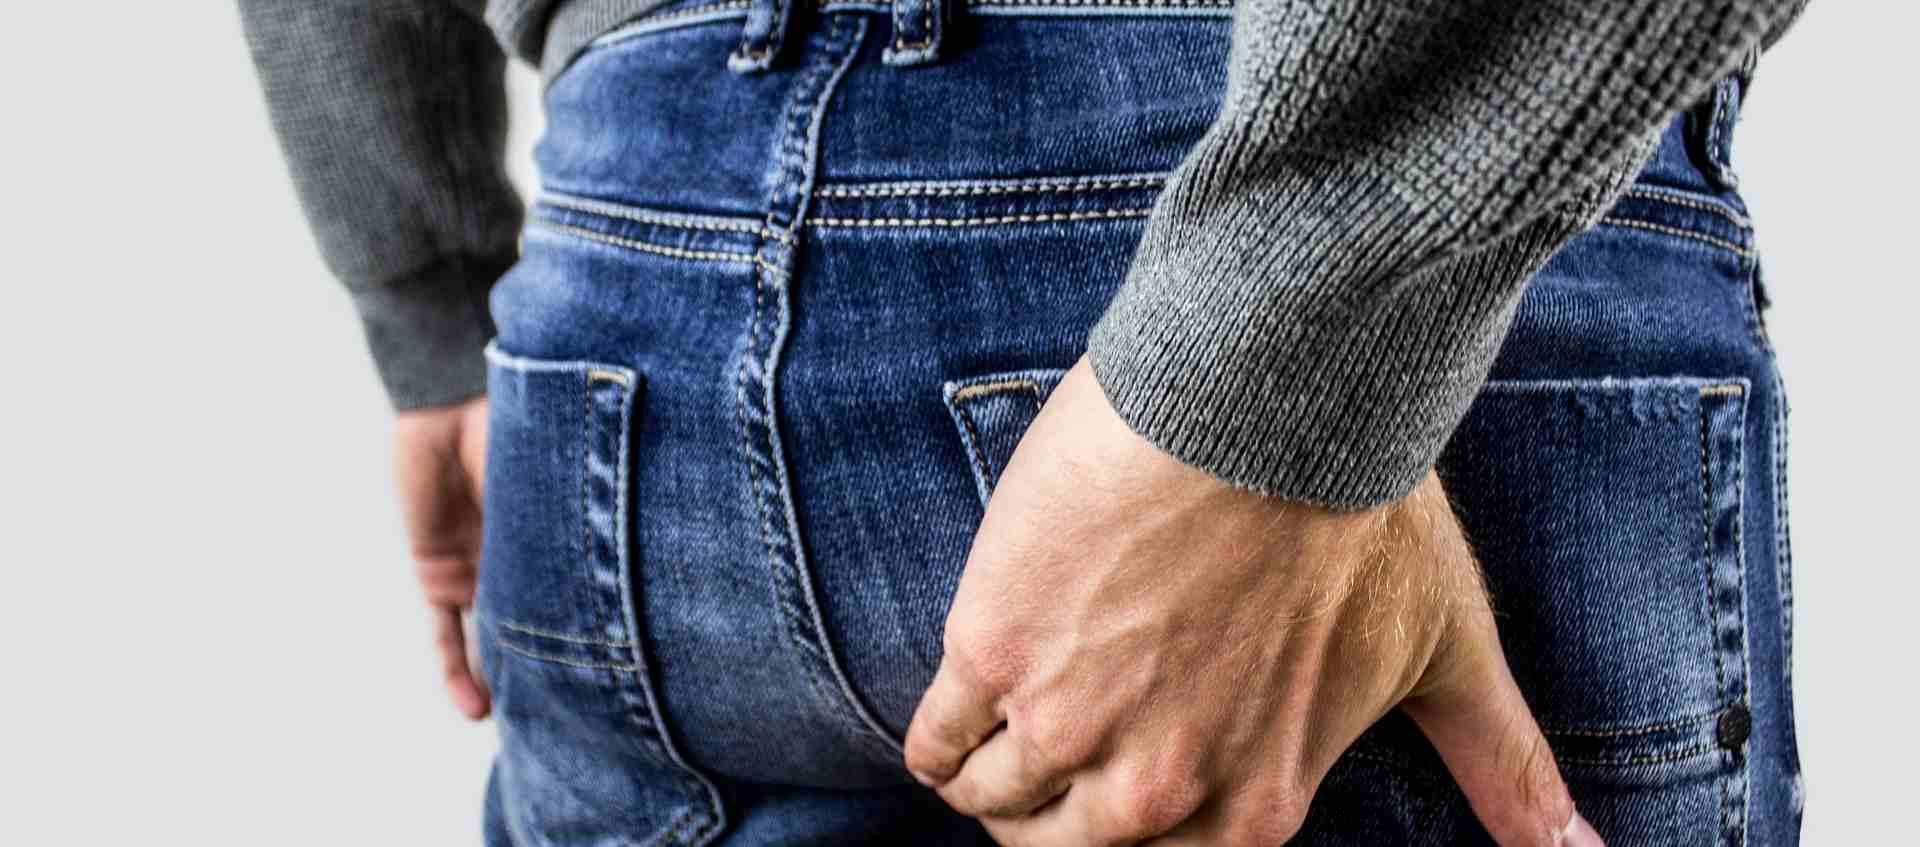 rakoviny prostaty priznaky